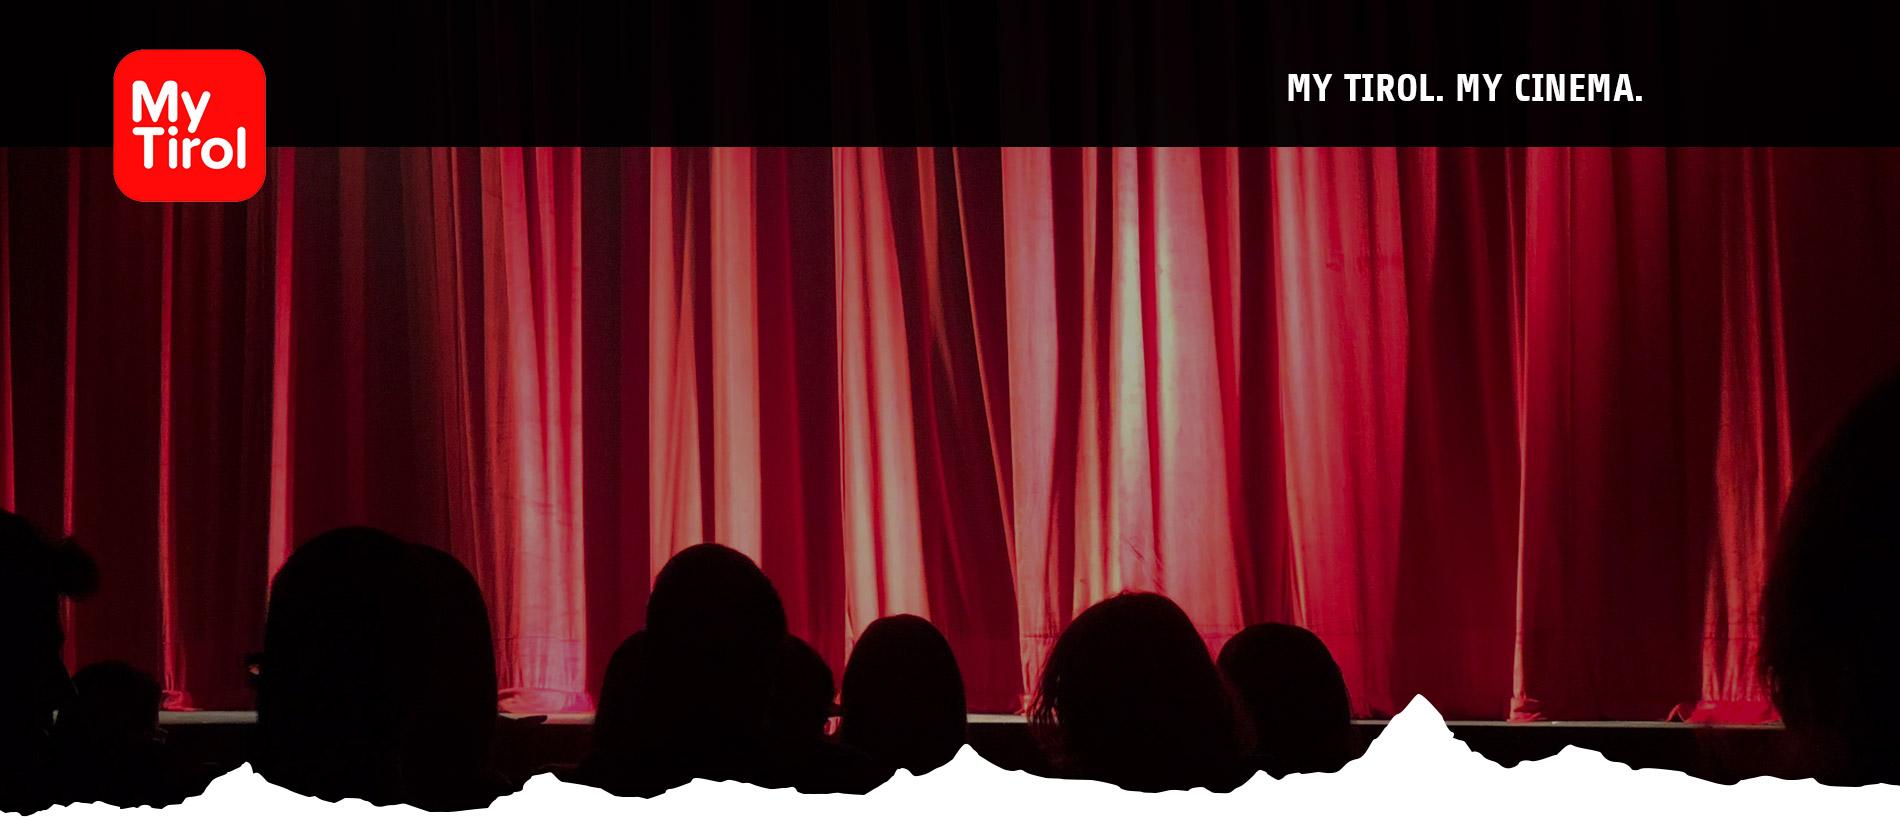 Full Size of Kino Mit Betten Teenager Luxus Regal Rollen Schlafzimmer überbau Sofa Relaxfunktion Elektrisch 3 Sitzer Hasena Bett Rutsche Big Hocker 200x220 Schubladen Wohnzimmer Kino Mit Betten